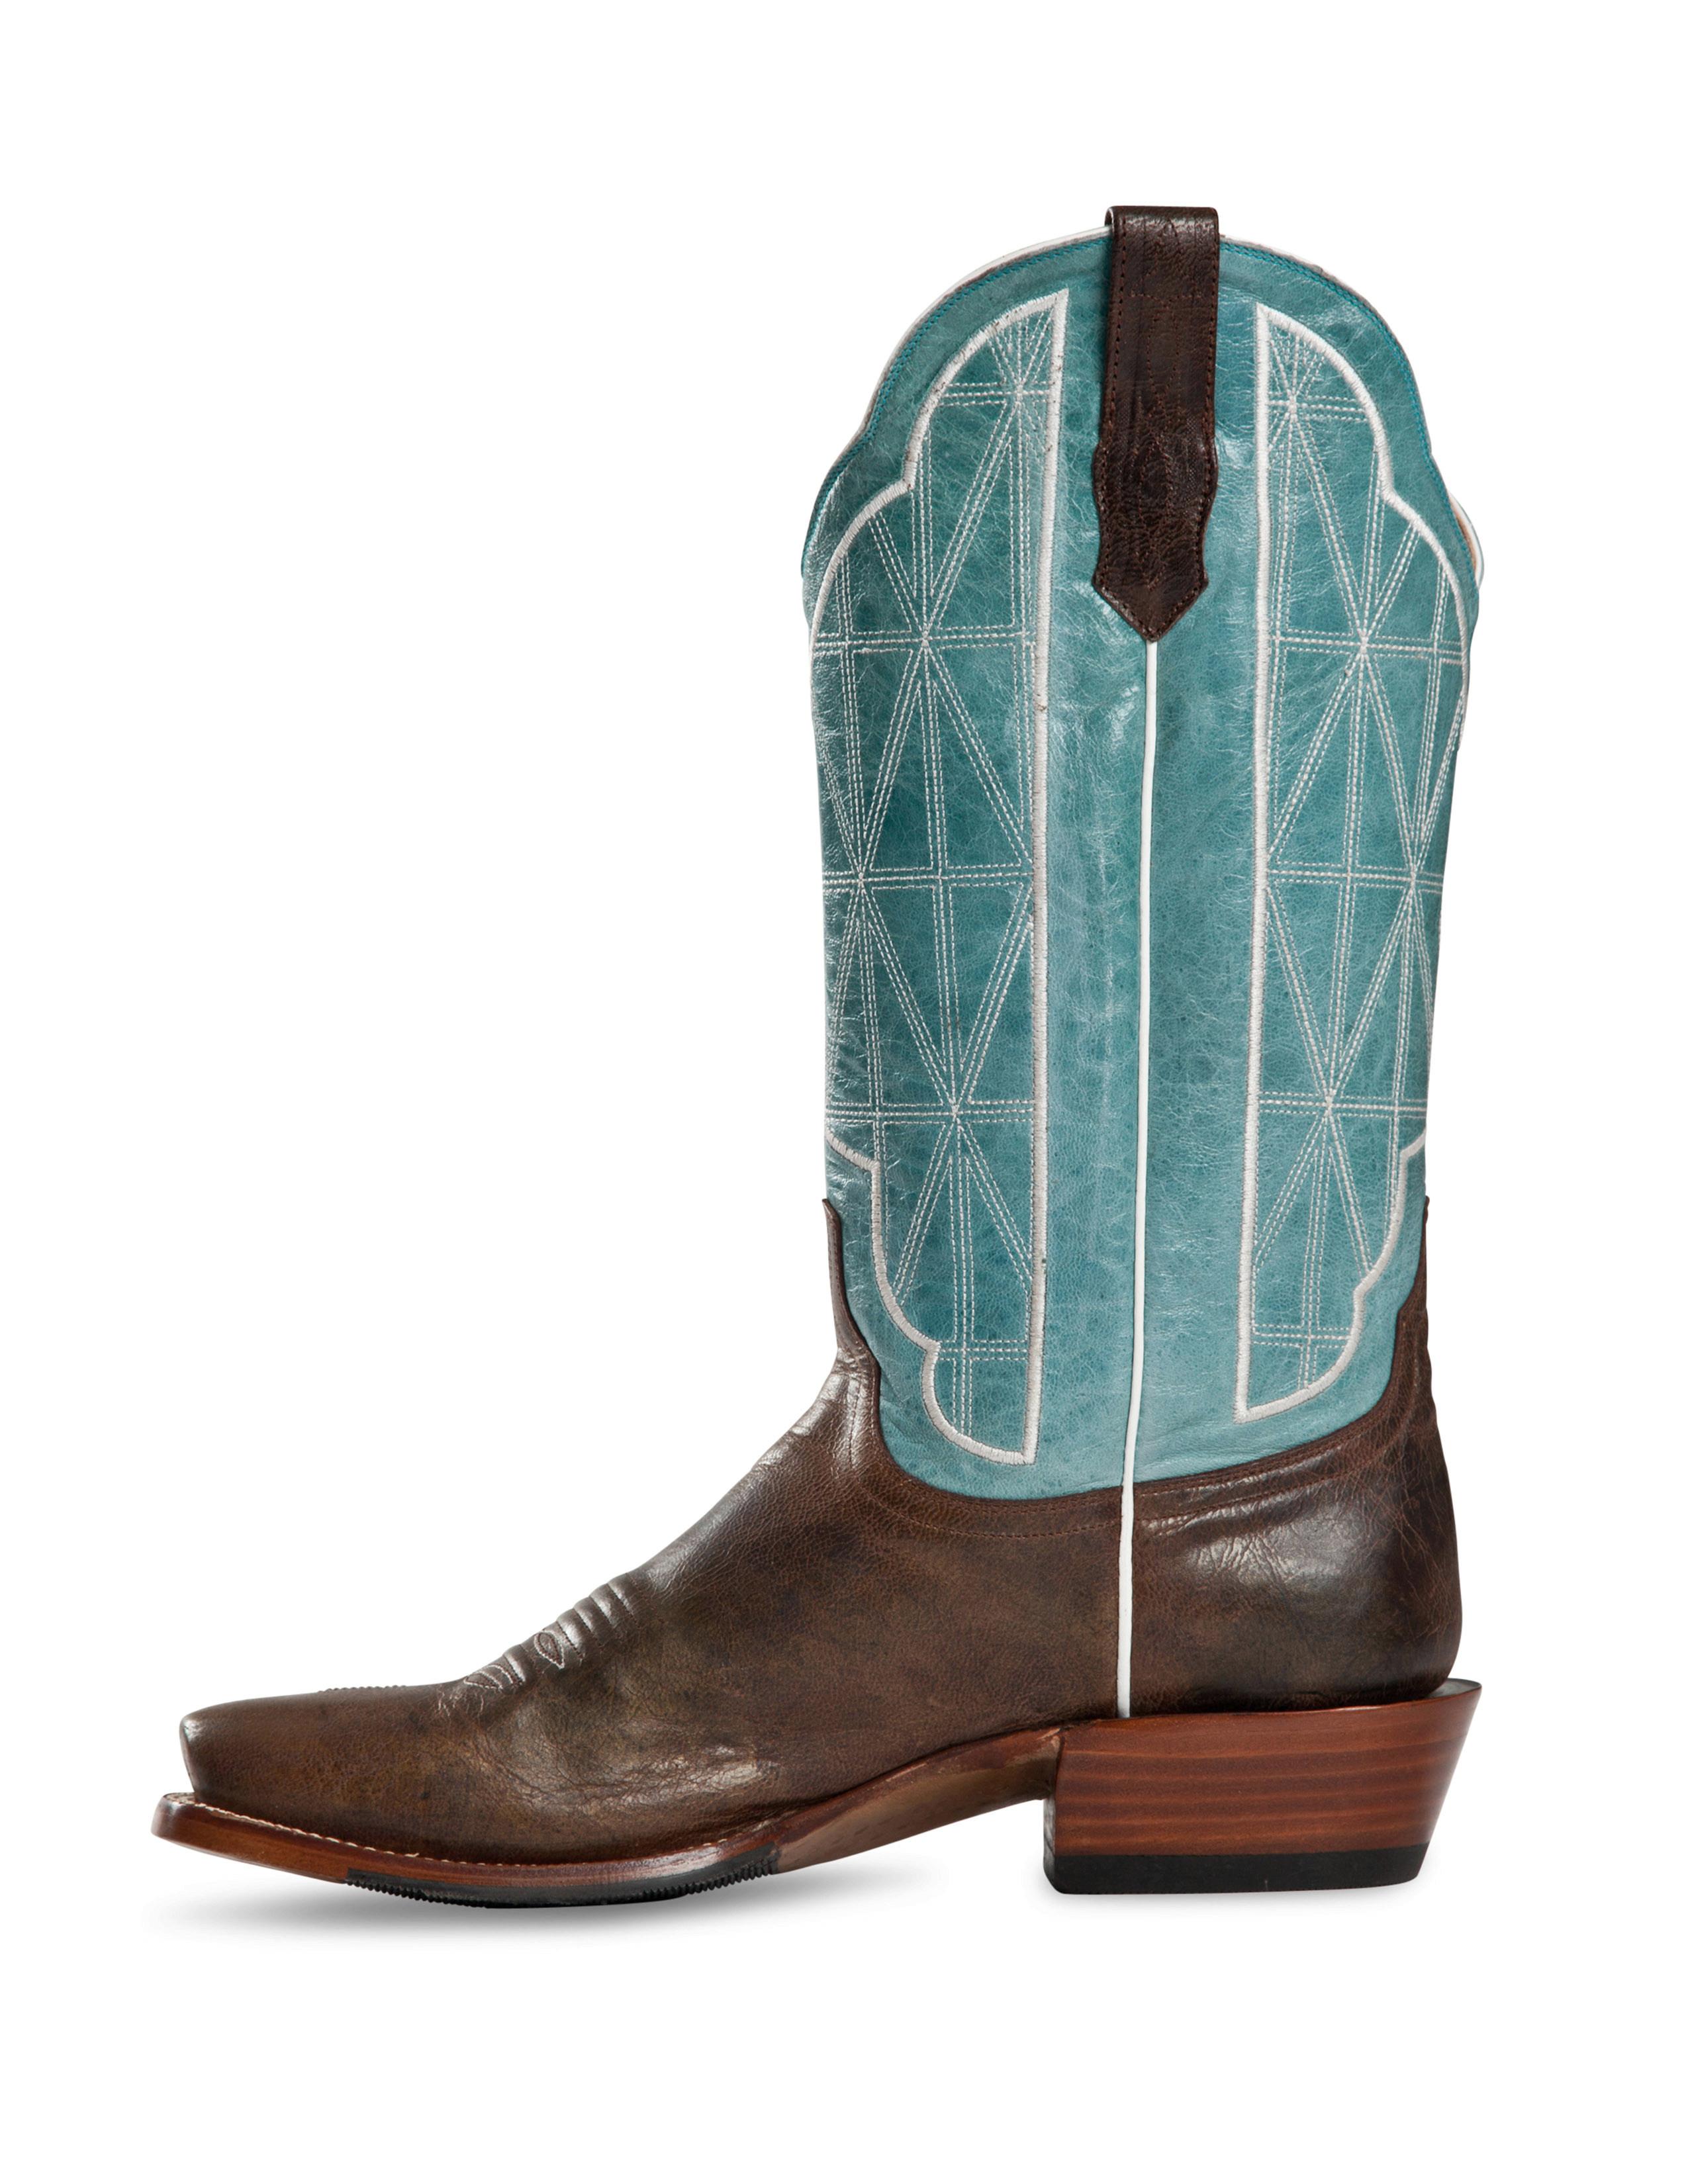 Cinch Men's Antique Mocha Goat Leather CFM123 Western Boots